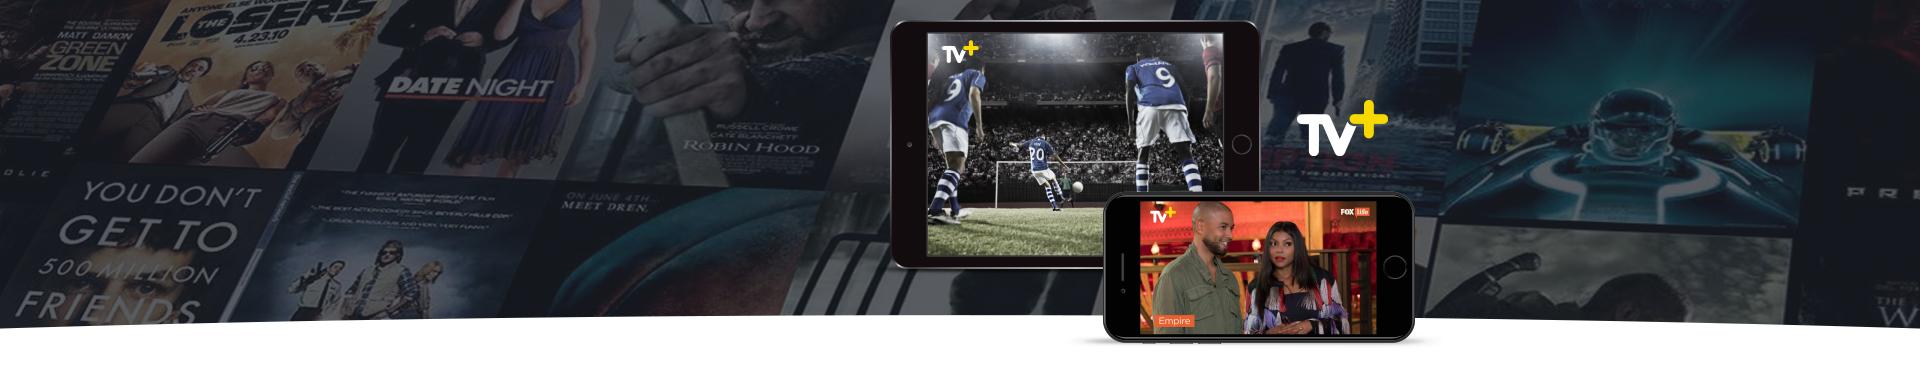 TV+'ınız varsa - Tabletiniz, telefonunuz dünyanın en güzel televizyonu olur